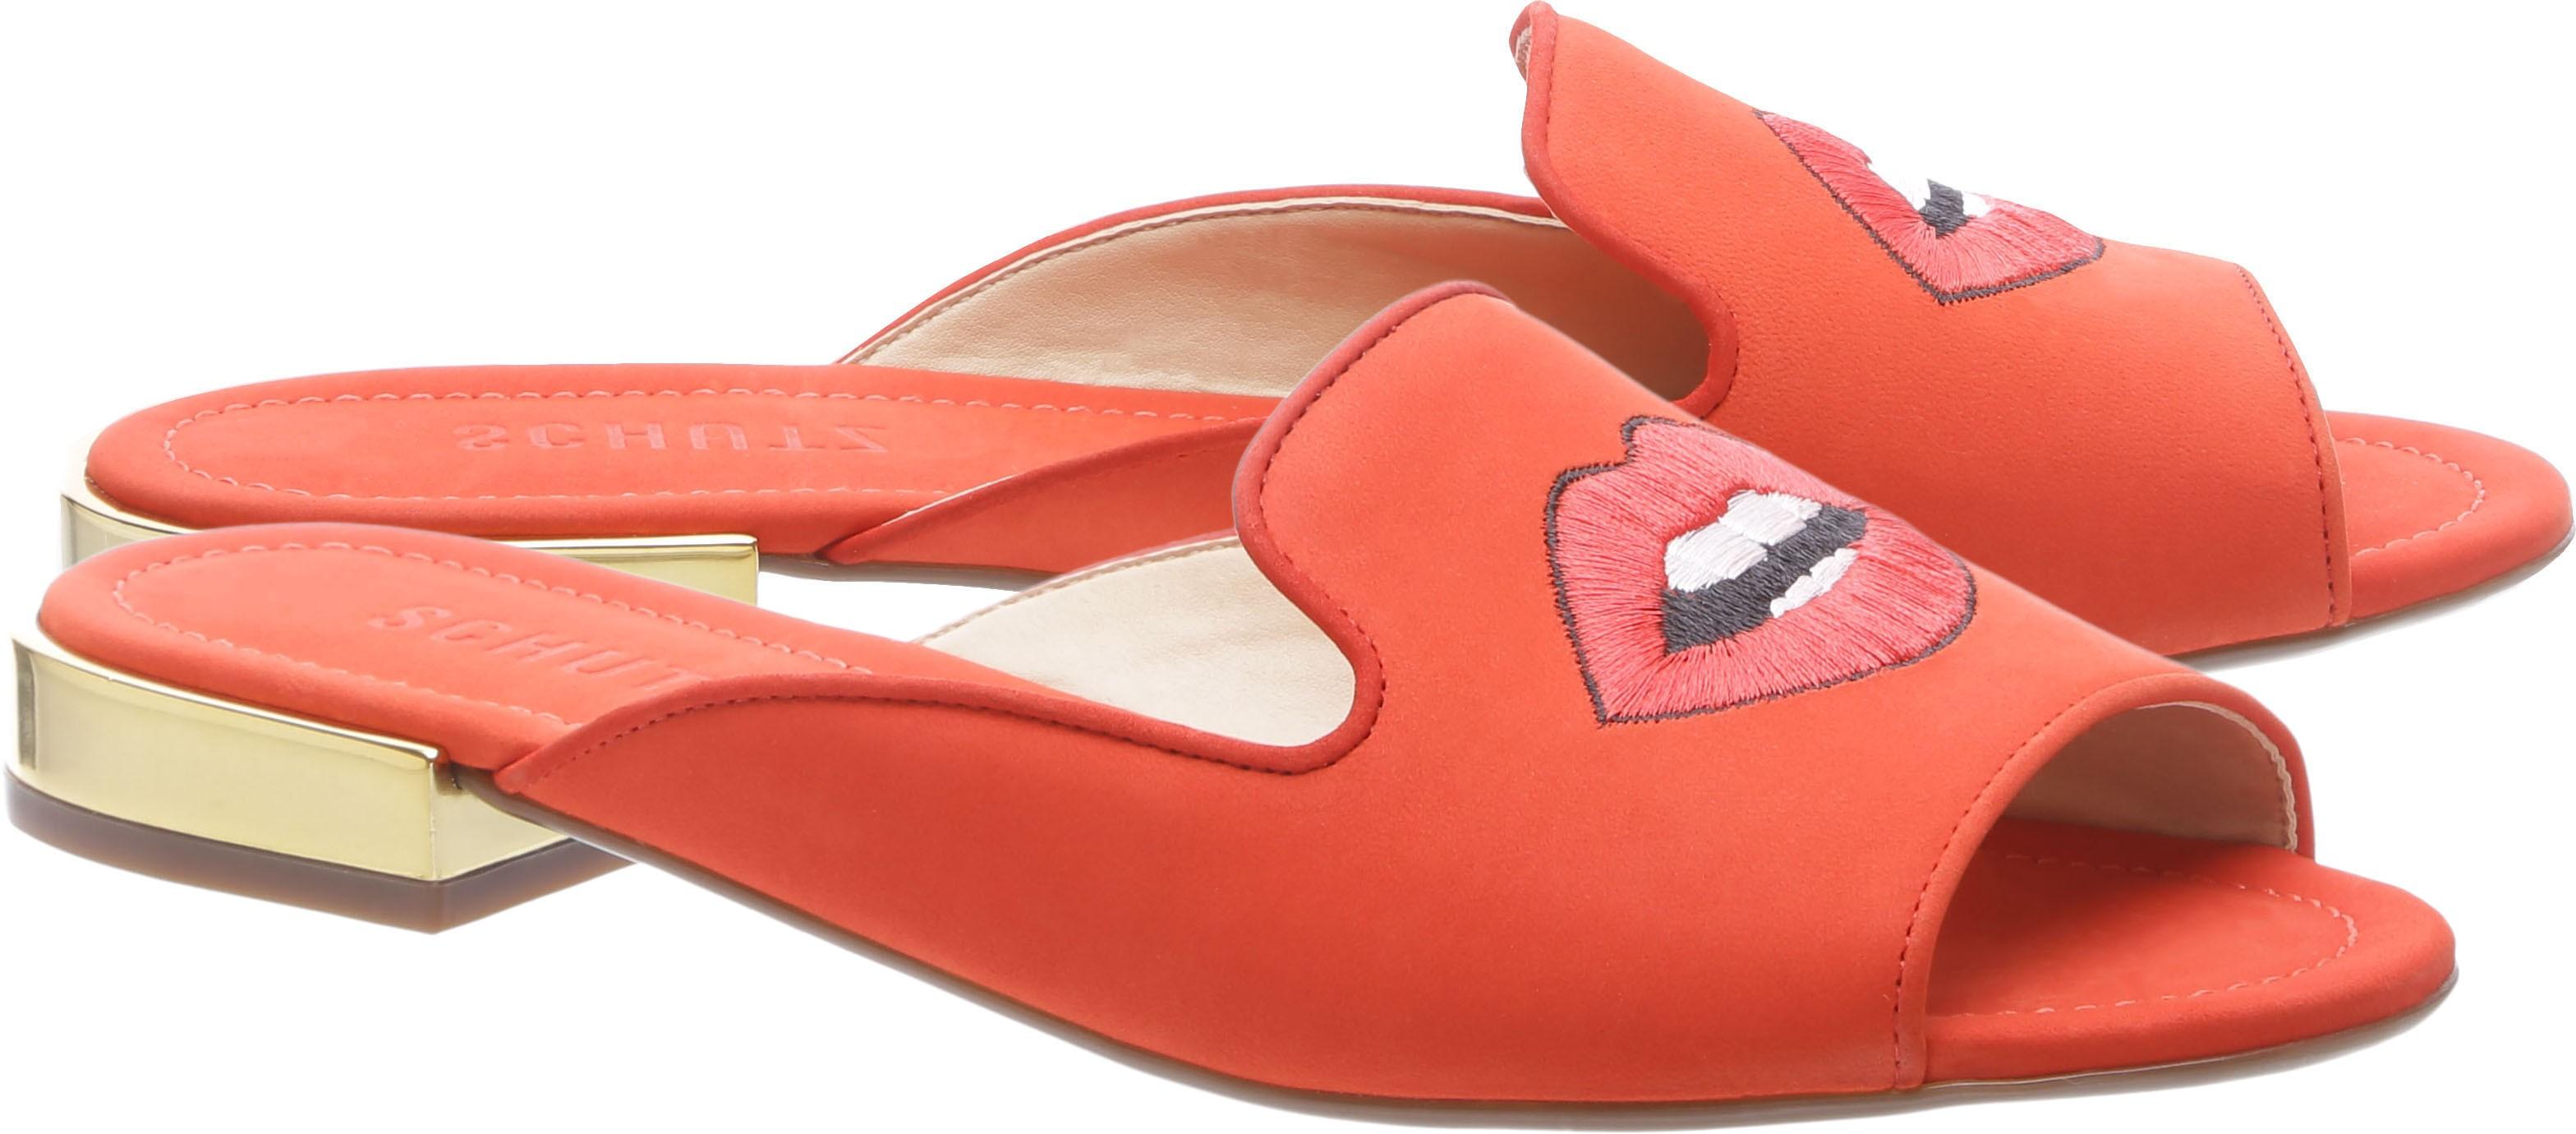 Mule laranja com bordado de boca (Foto: Divulgação / Schutz)